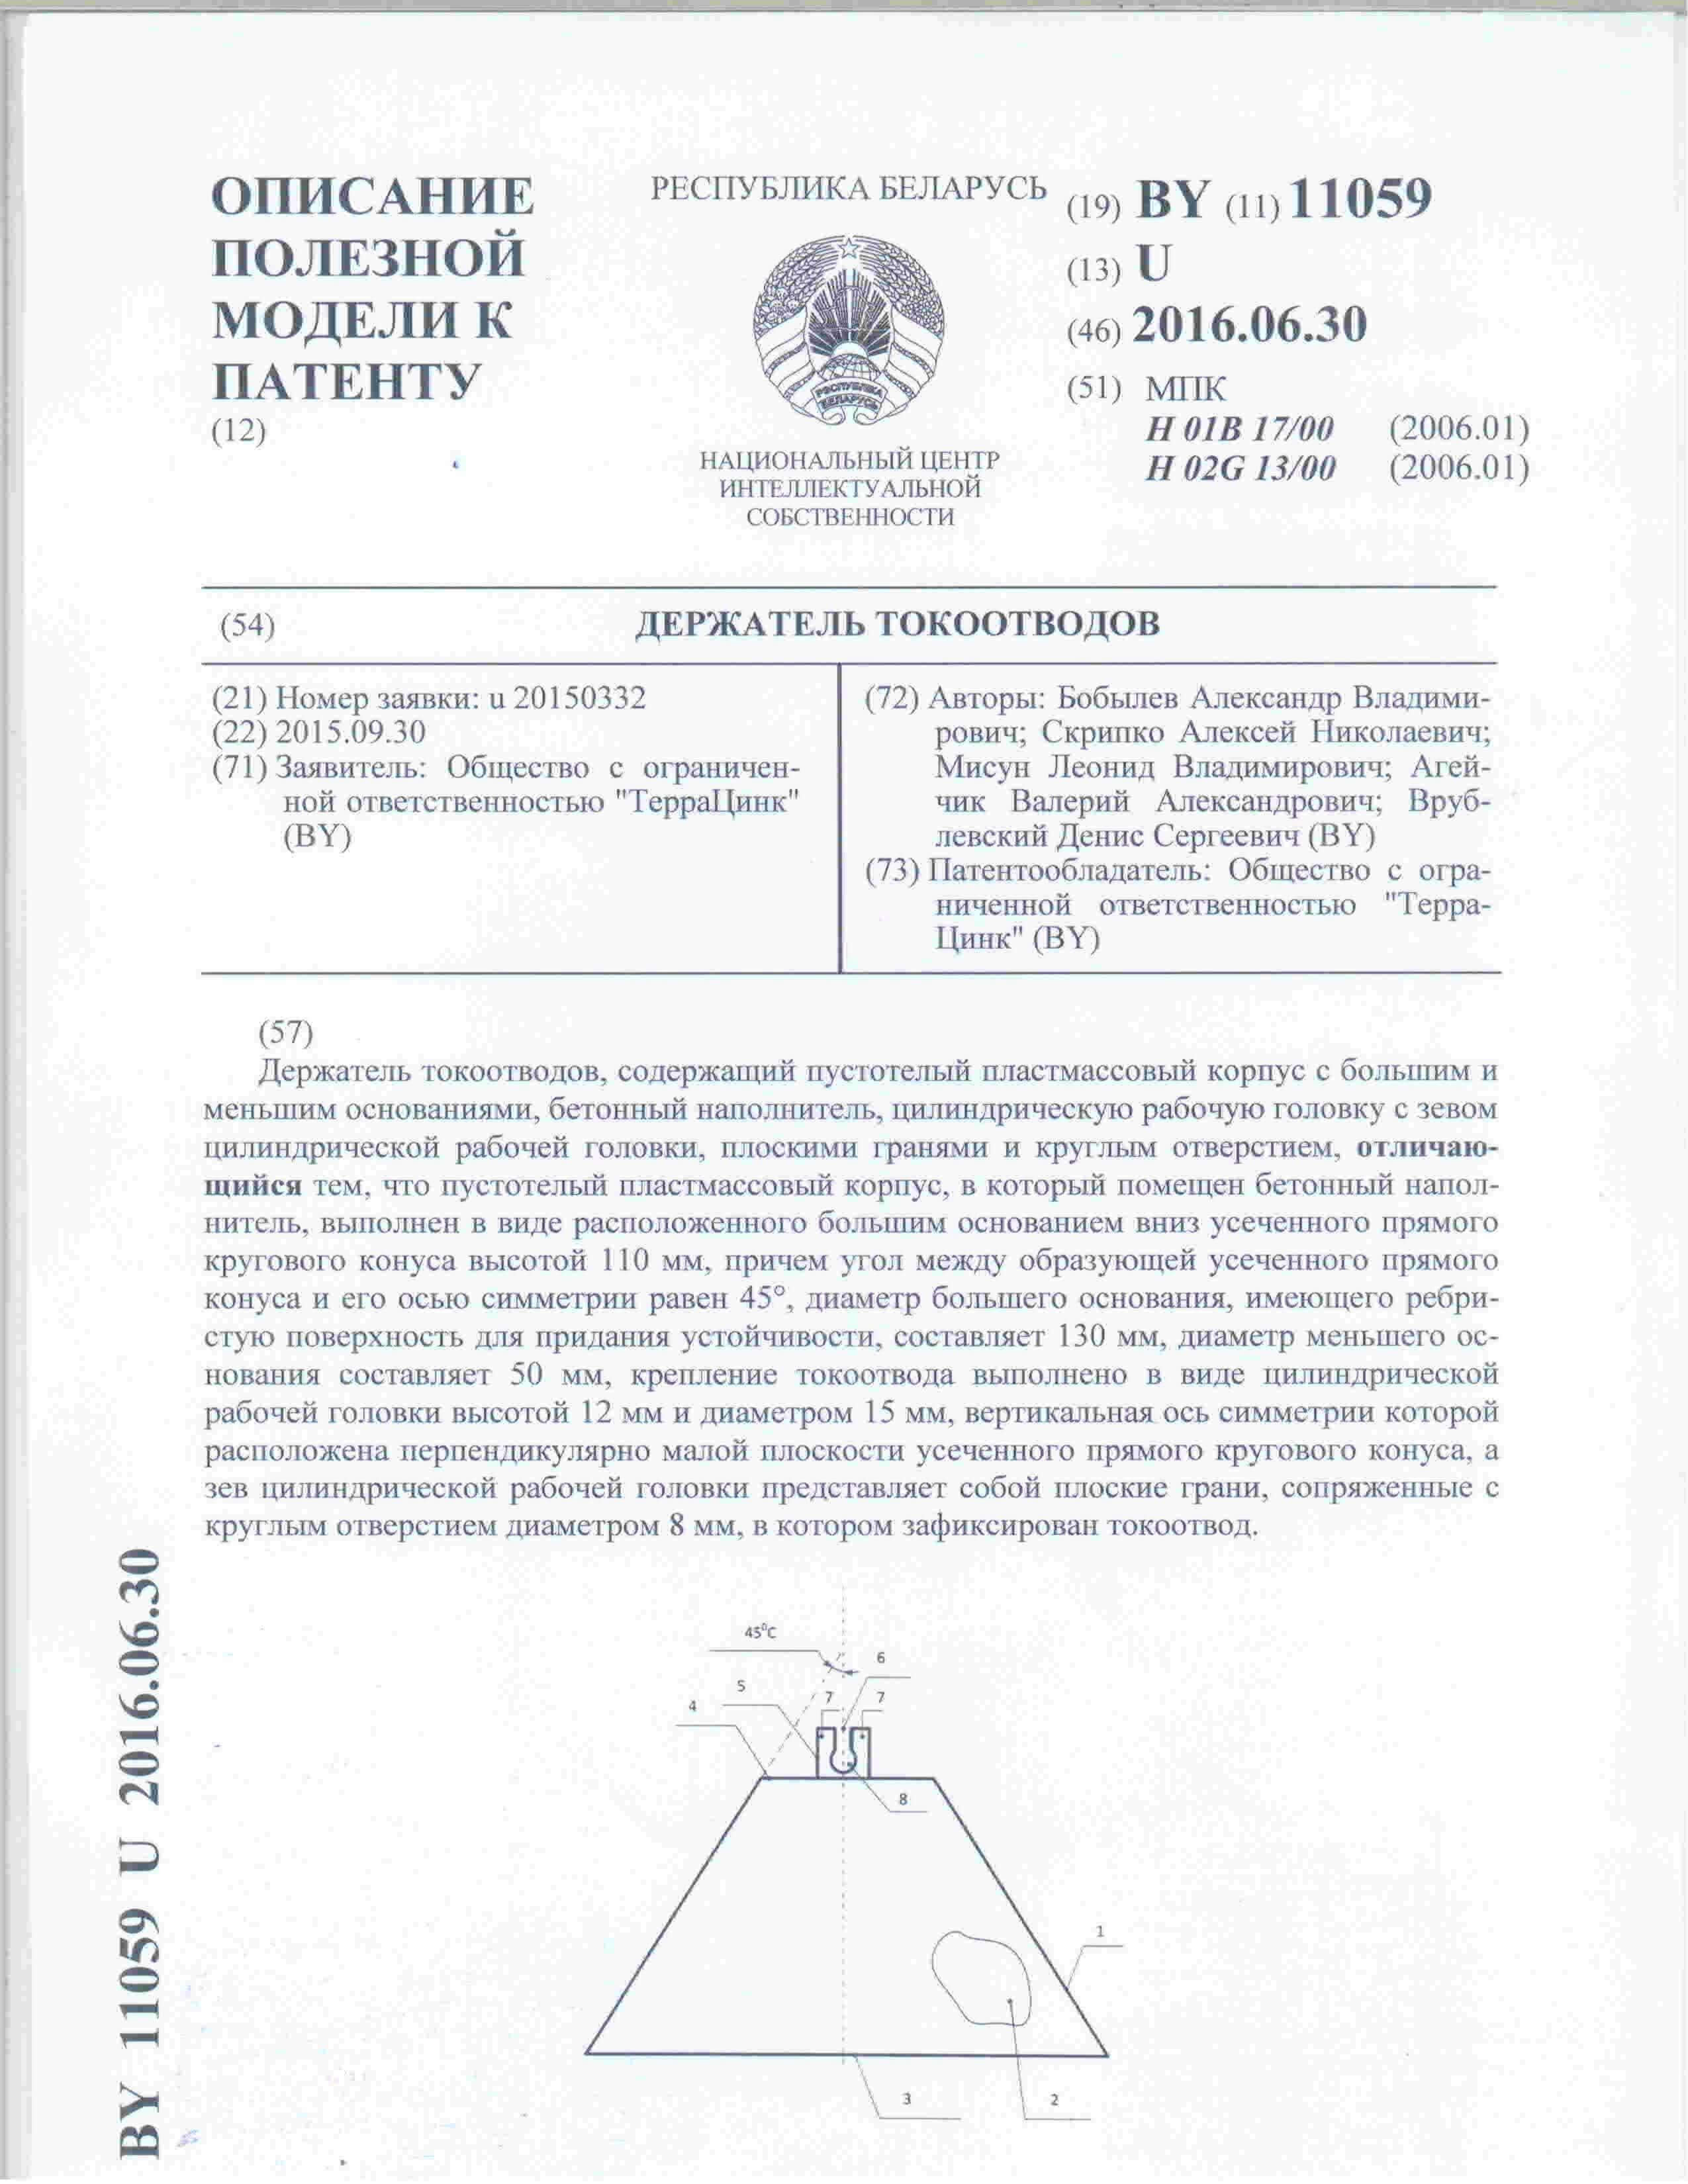 патент держатель токоотвода